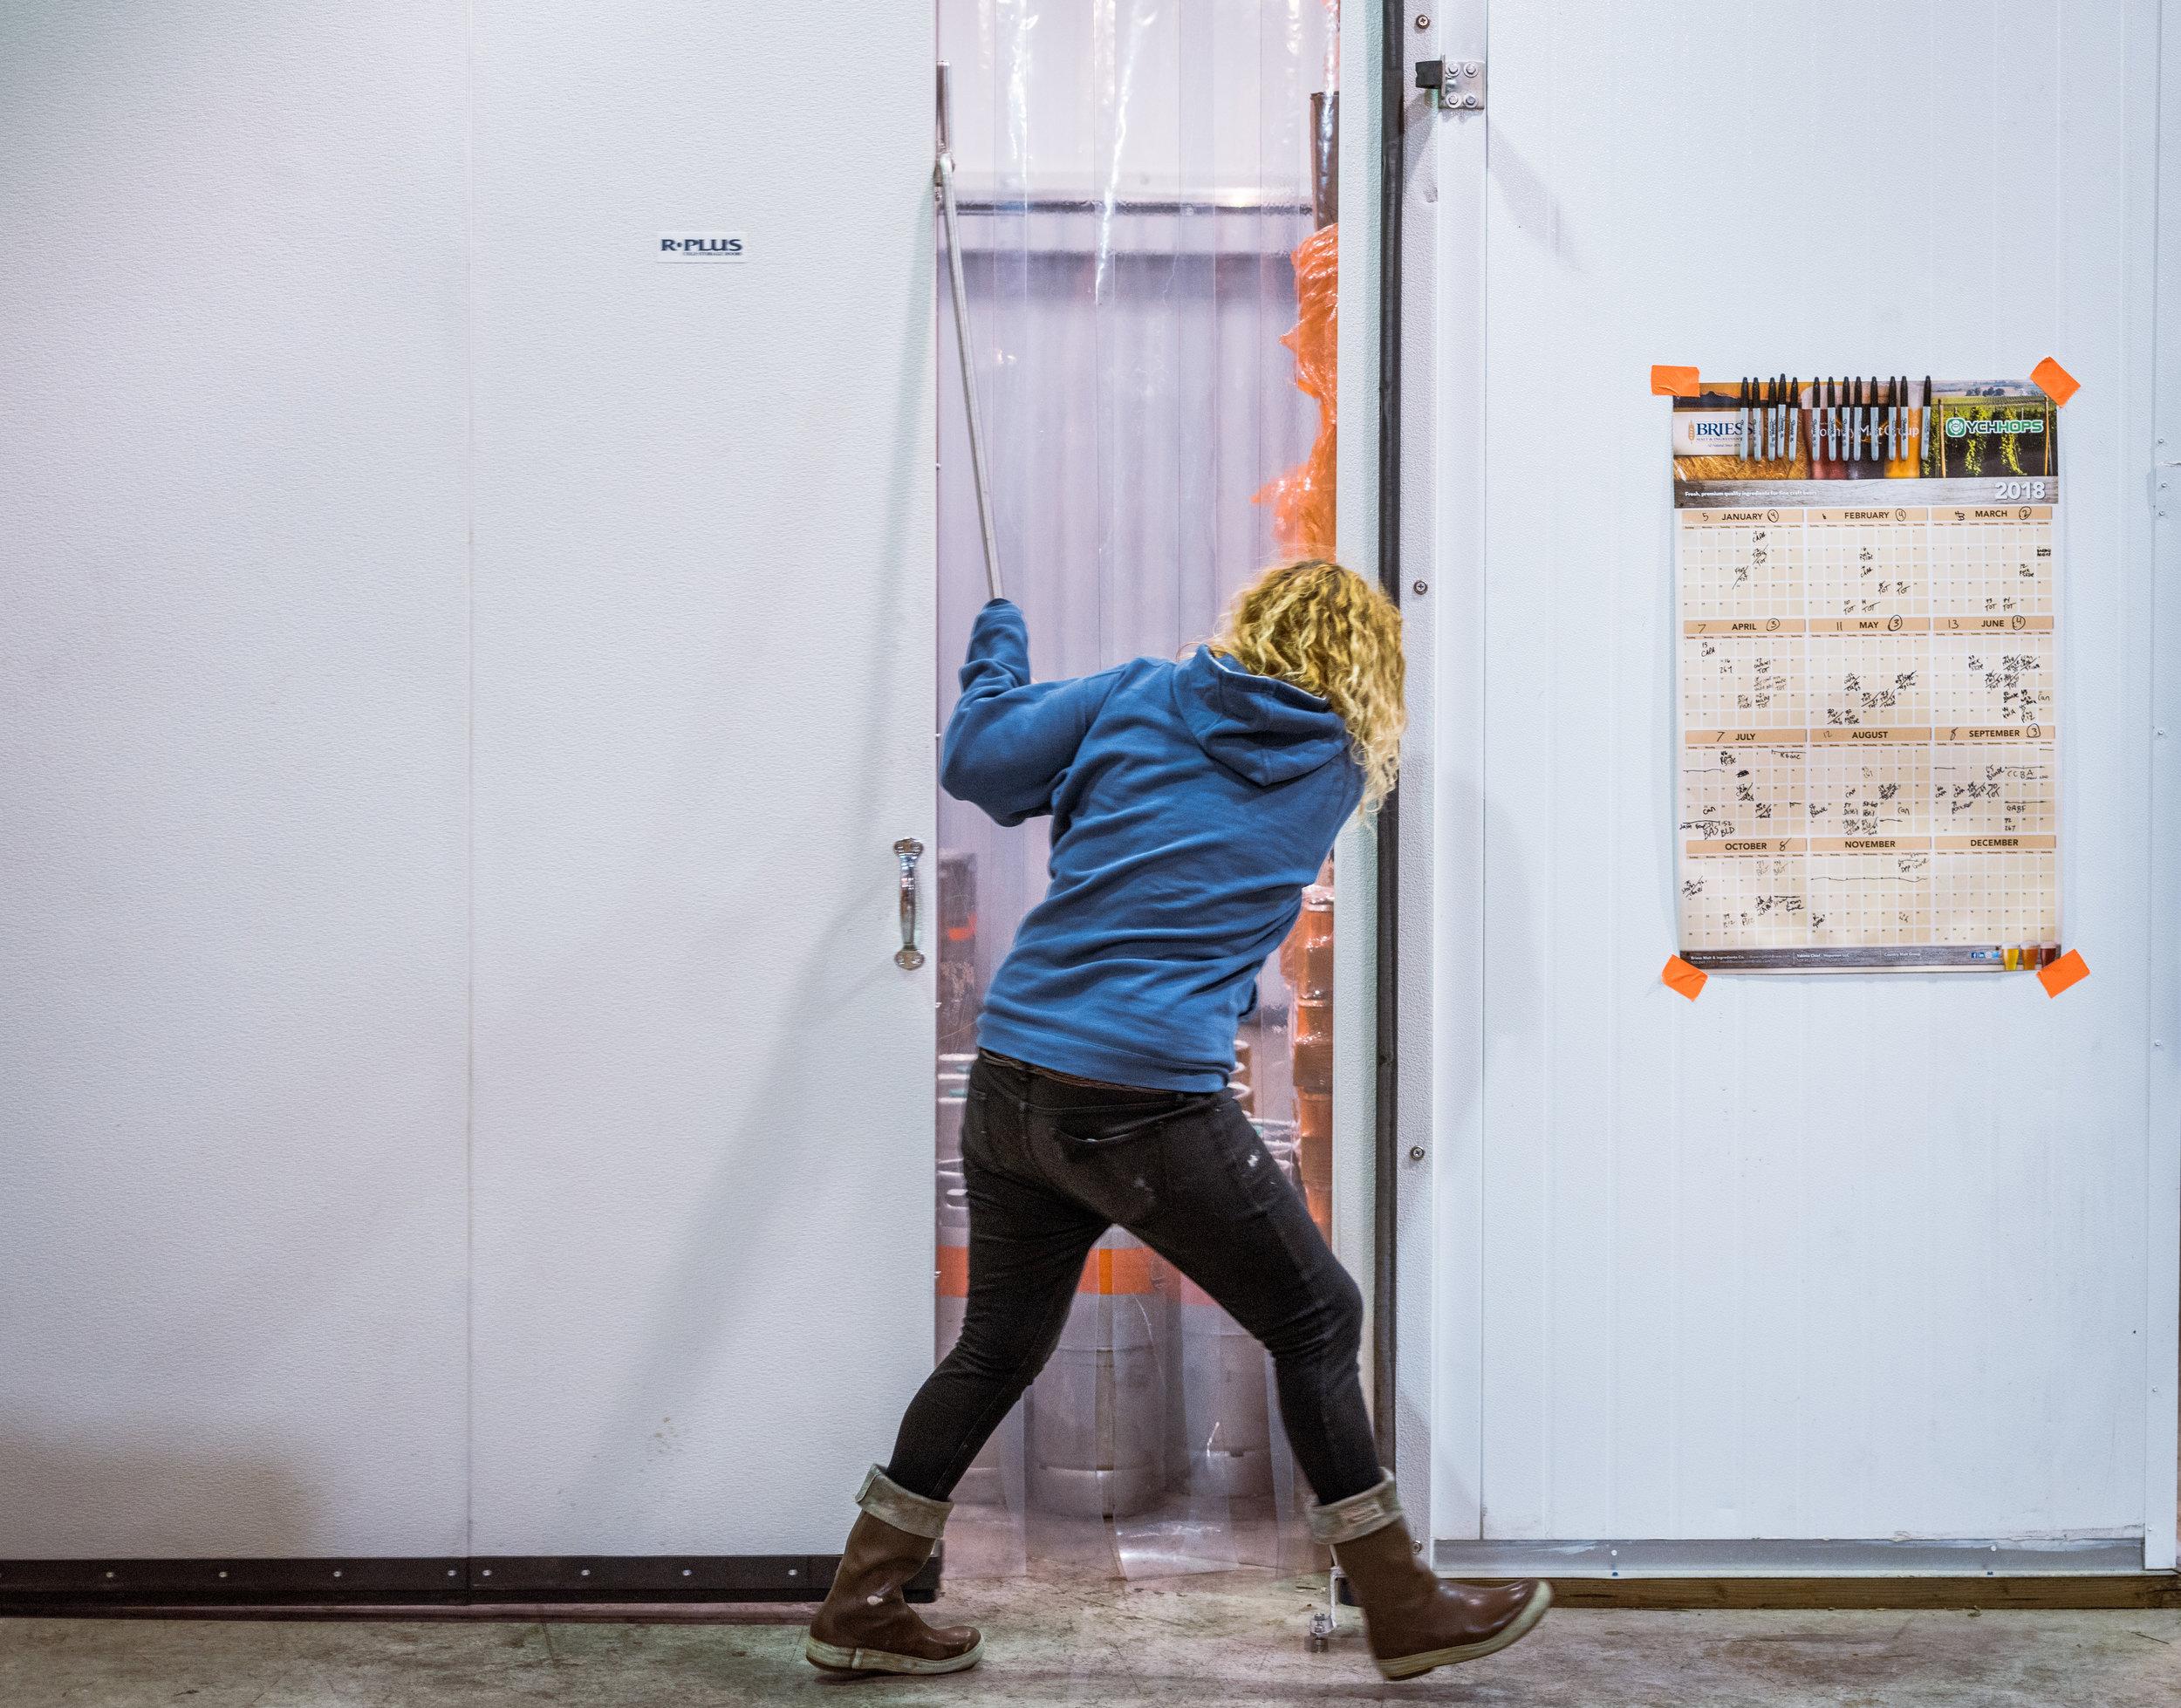 Marley_closing fridge_Ryland West.jpg